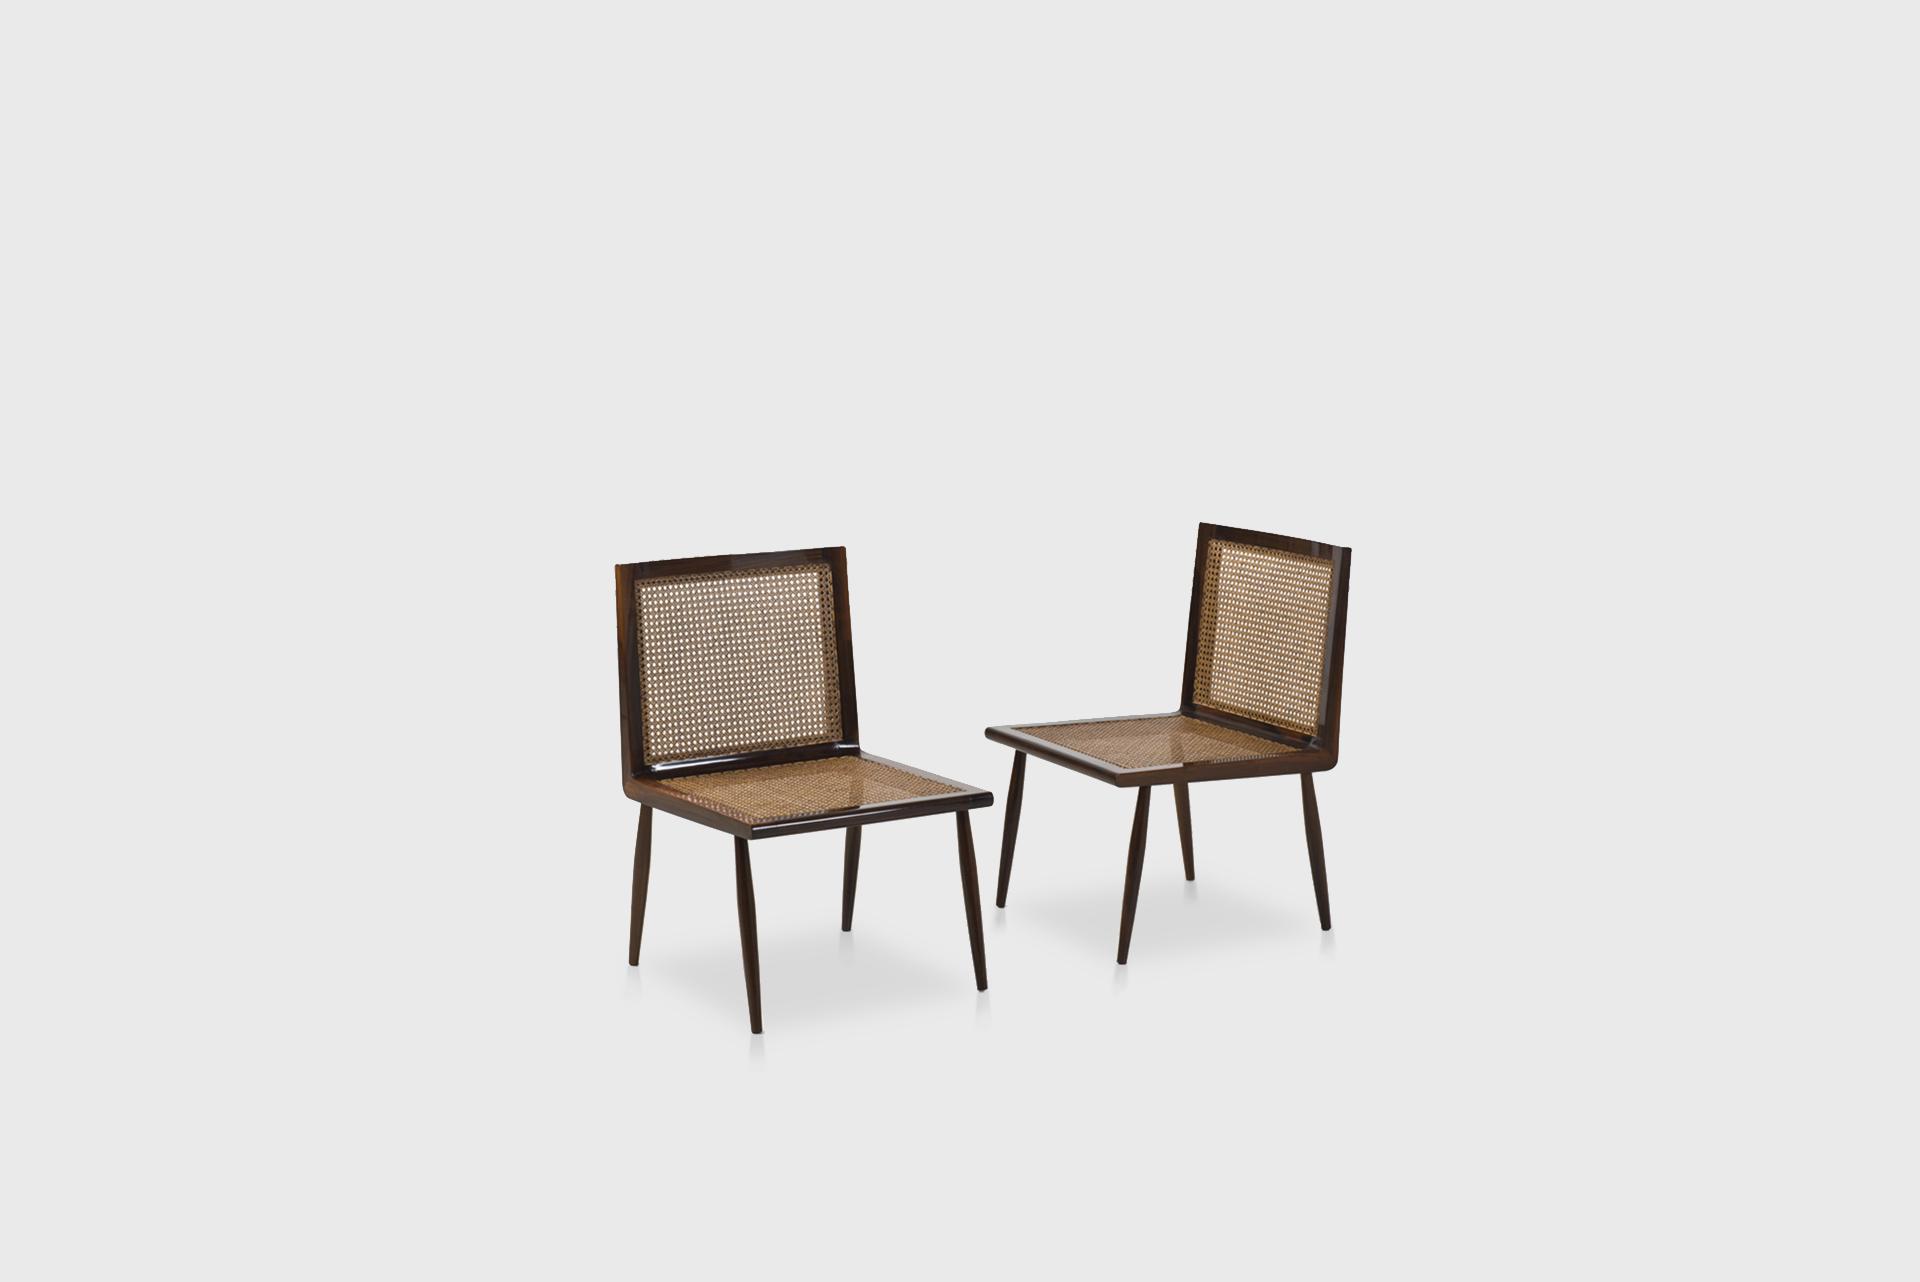 """Pair of lounge chairs model """"Cadeira baixa para quarto"""" Manufactured by Tenreiro Moveis e Decoraçaos Brasil, 1950 Solid jacaranda structure and cane"""